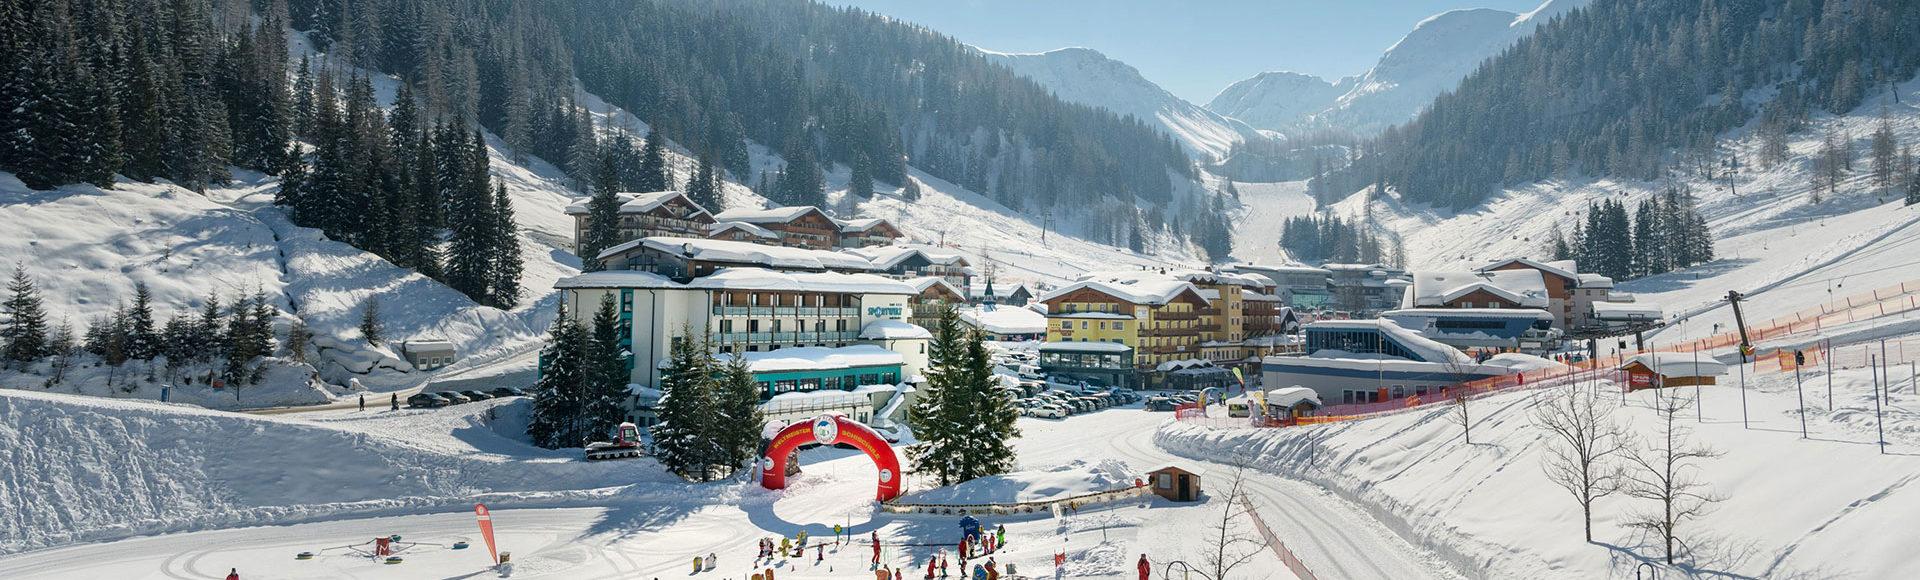 Toplage im Winterurlaub & Skiurlaub in Zauchensee